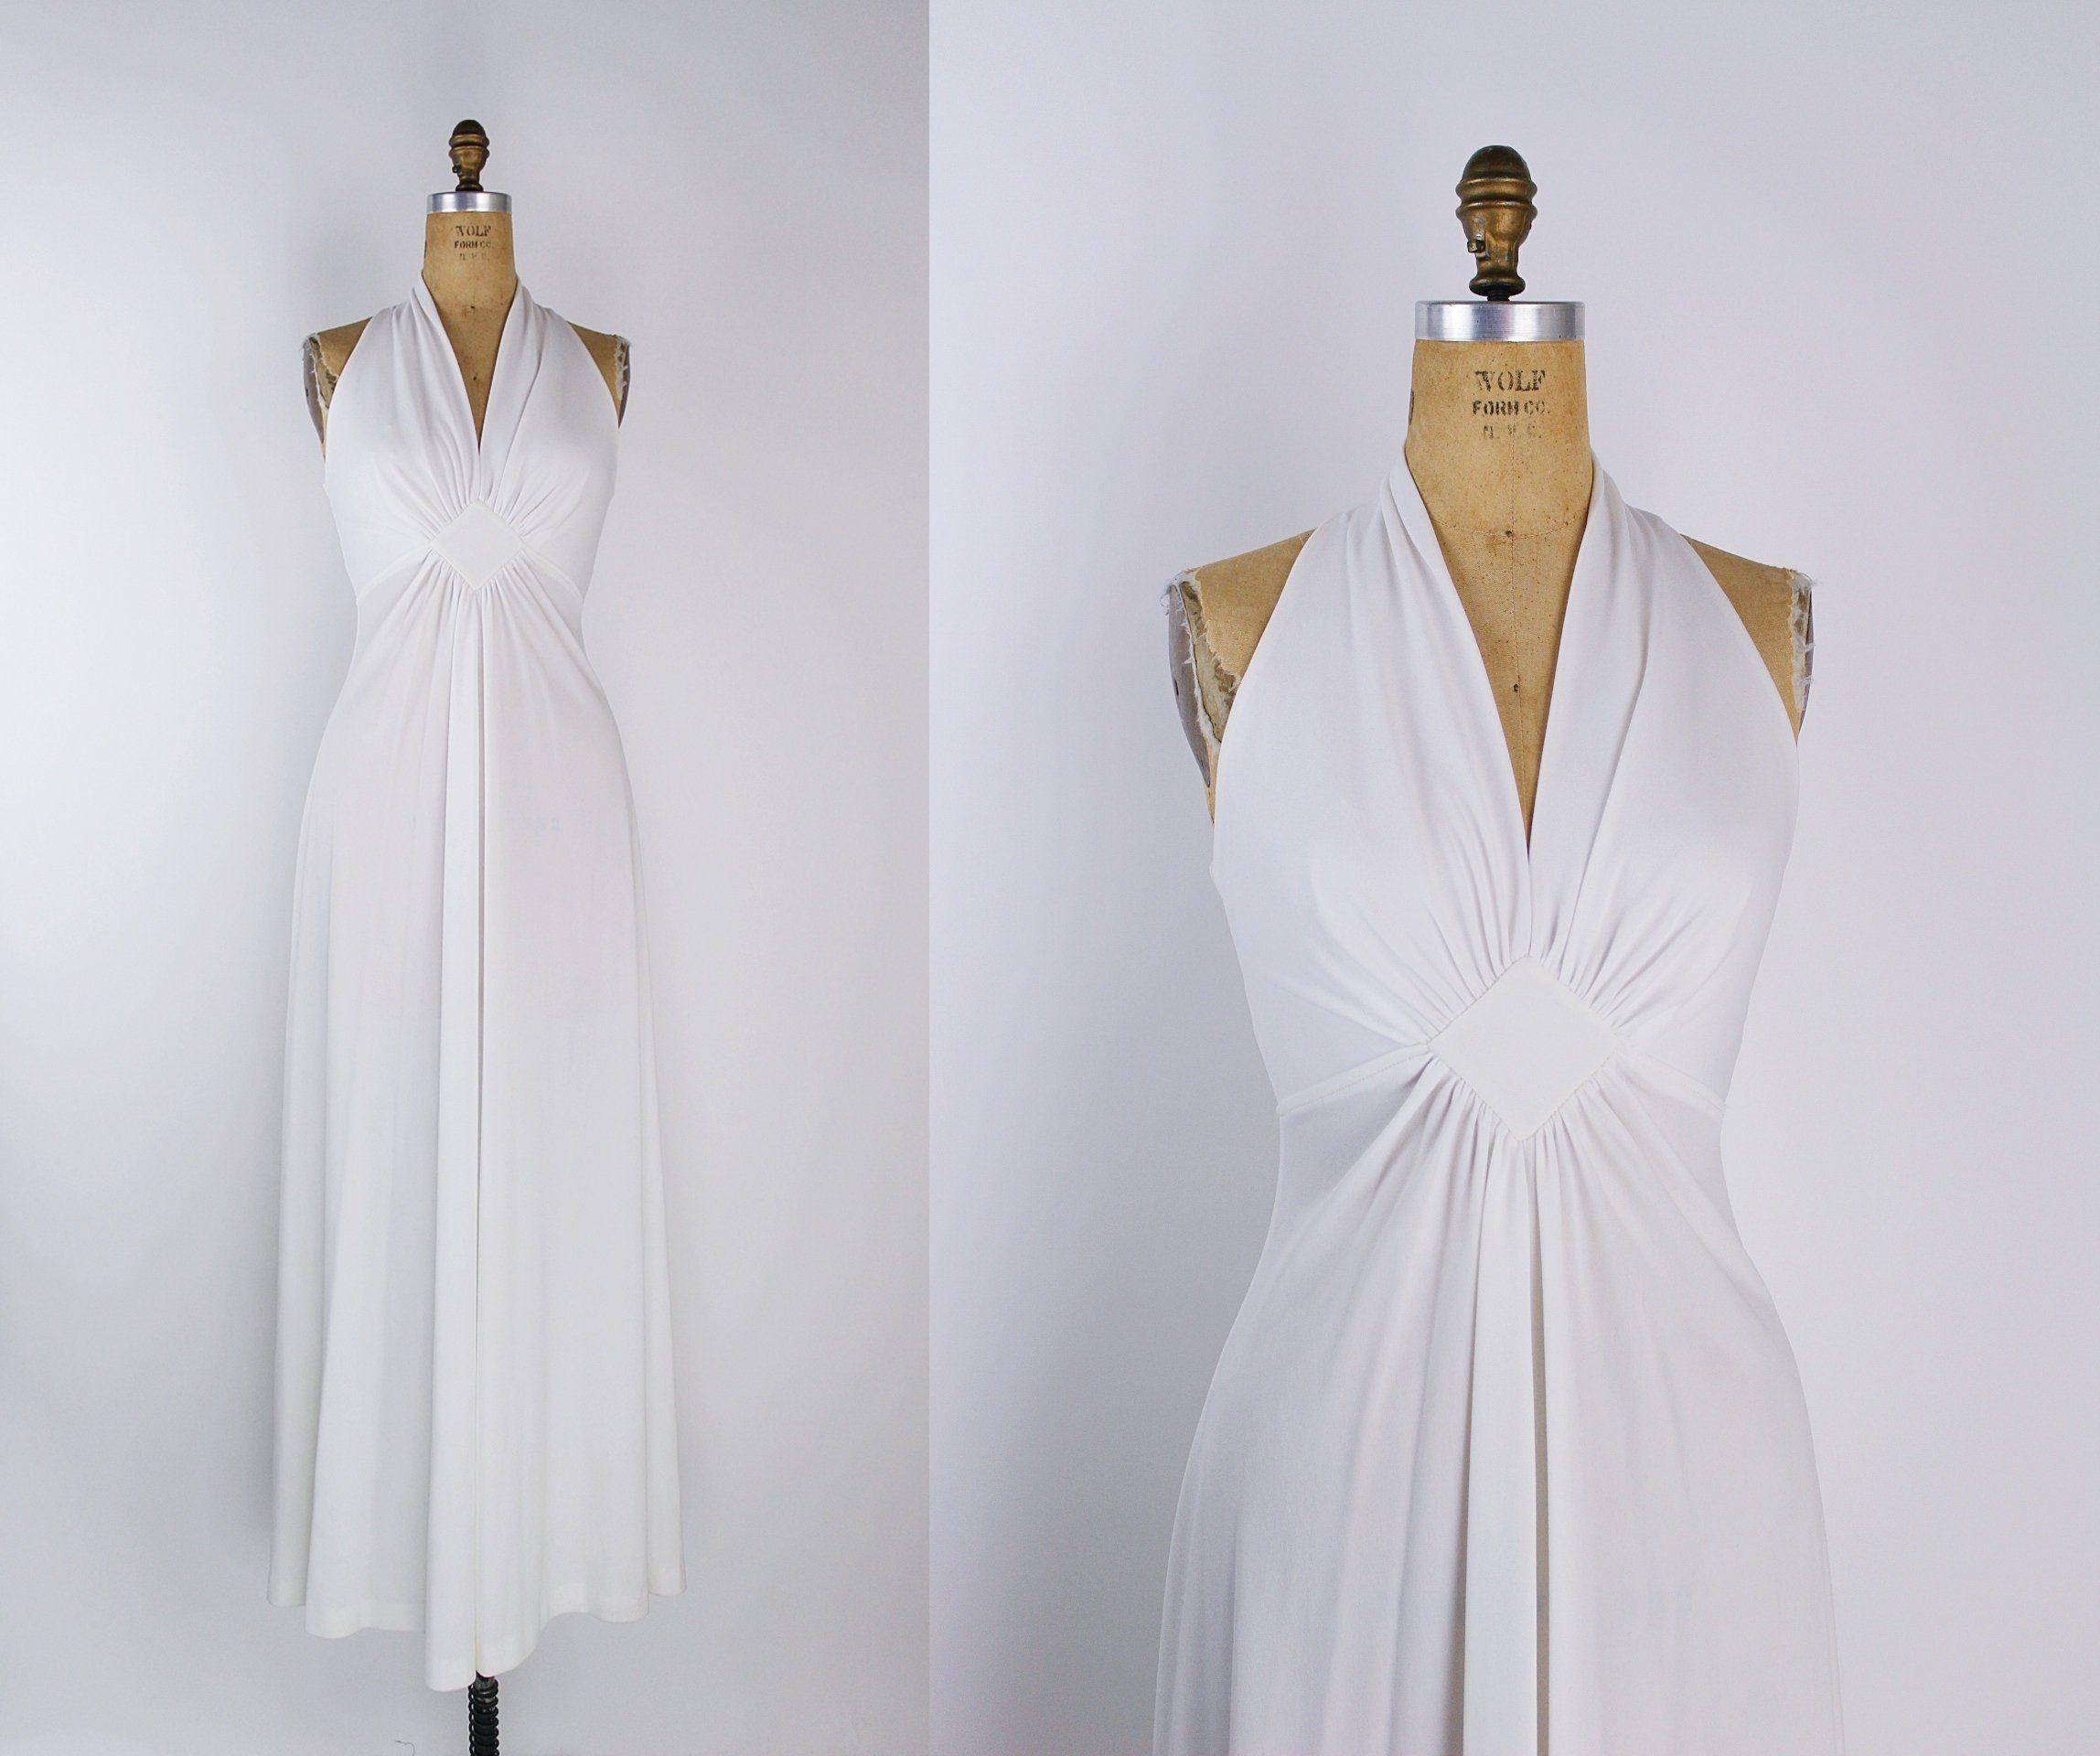 70s White Wedding Maxi Dress White Disco Dress Halter Etsy Maxi Dress Wedding Disco Dress Wedding Dress Sizes [ 1920 x 2296 Pixel ]